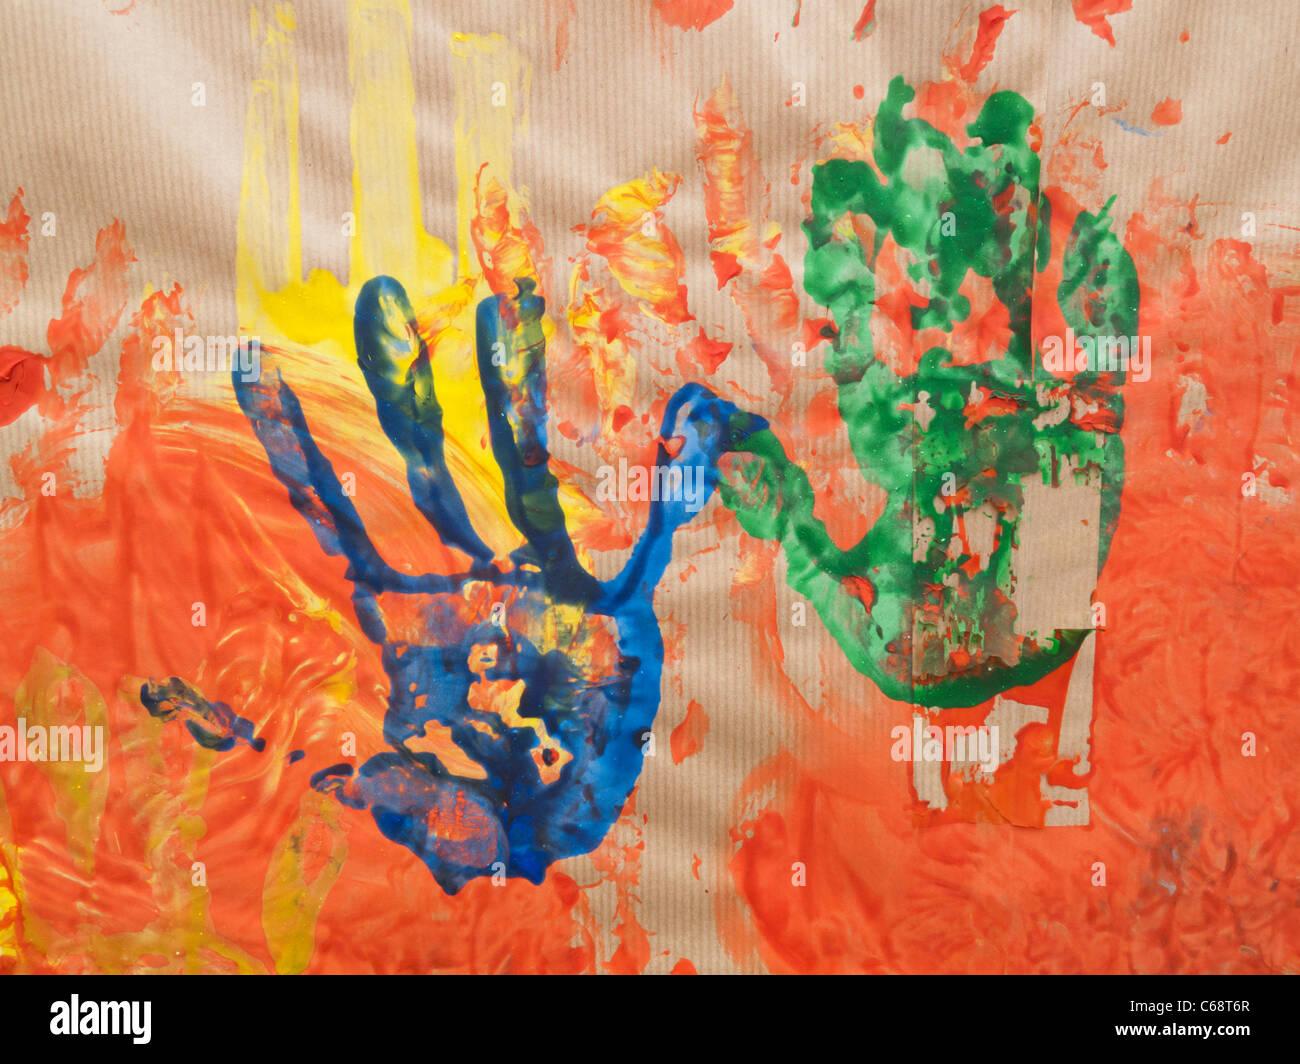 Impression de fait mains avec de la peinture sur papier brun Photo Stock